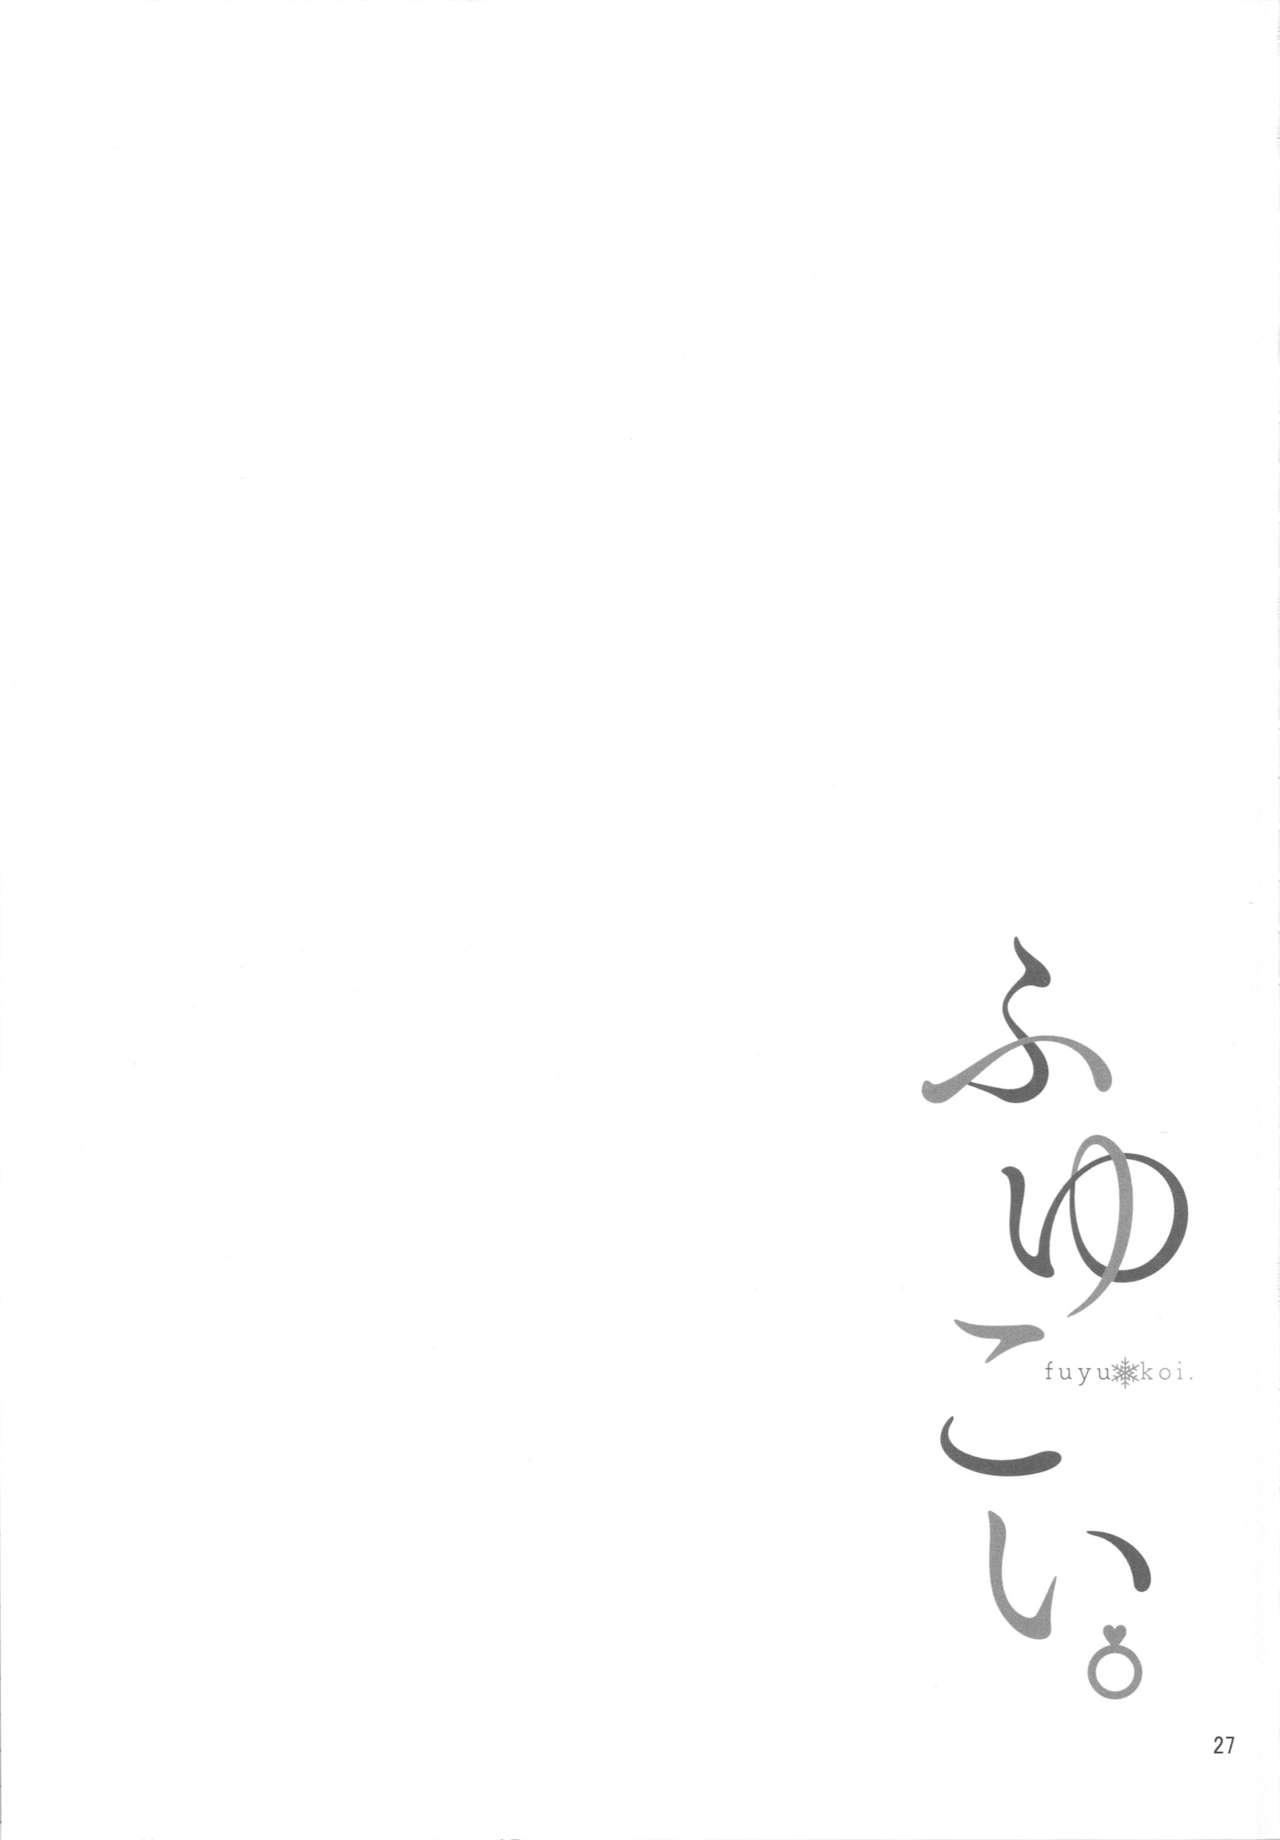 Fuyu Koi. 28